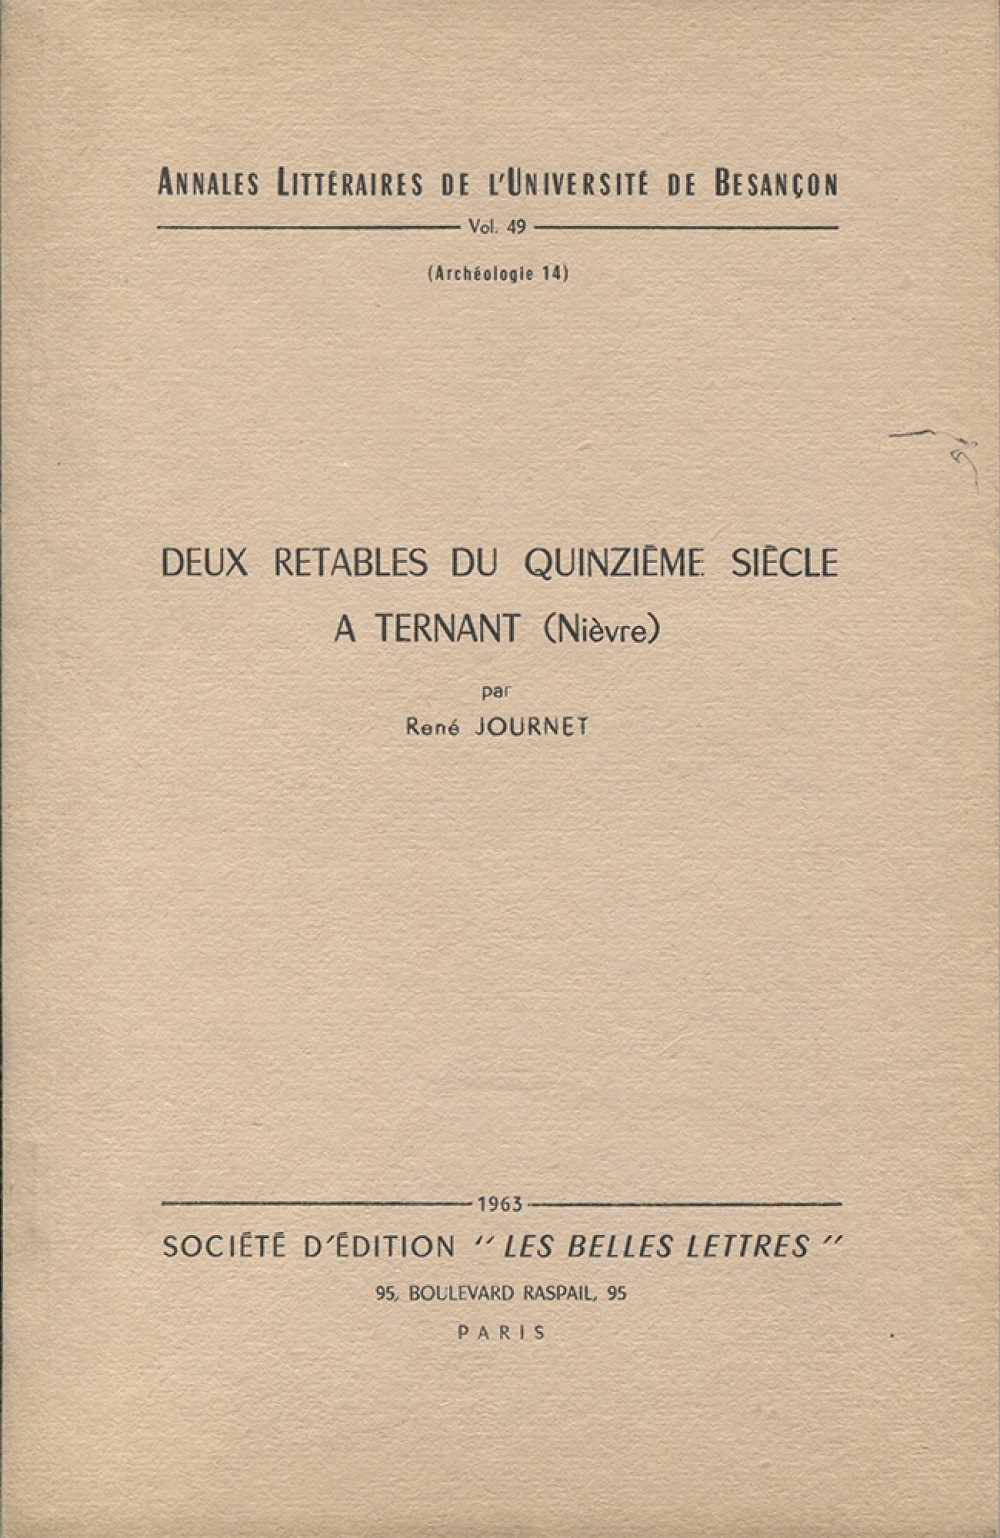 """Deux rétables du <span style=""""font-variant: small-caps"""">XV</span><sup>ème</sup> siècle à Ternant"""